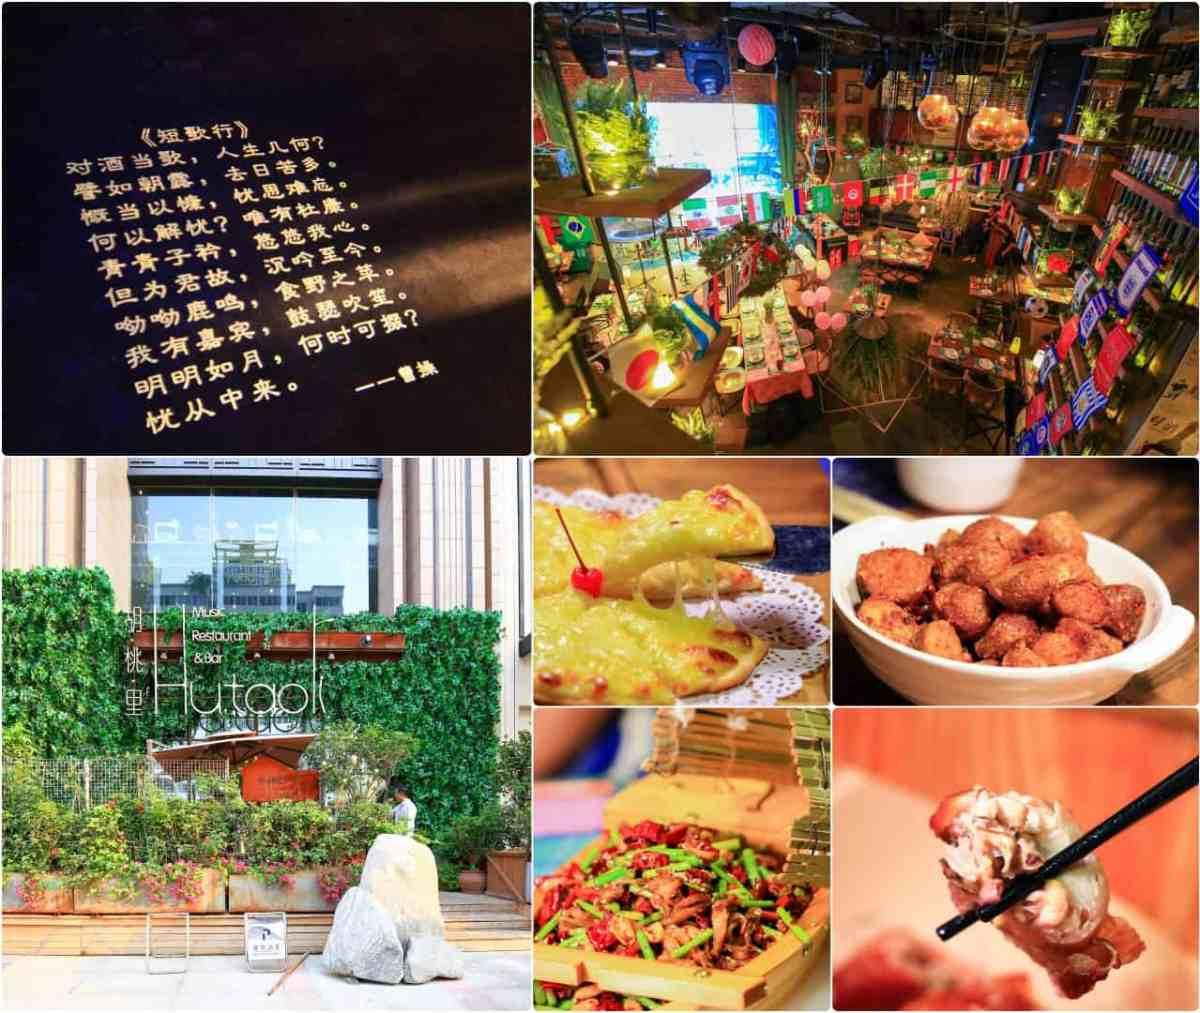 【河南鄭州美食|胡桃里音樂酒館】美食、酒吧、咖啡廳混血的文藝餐廳